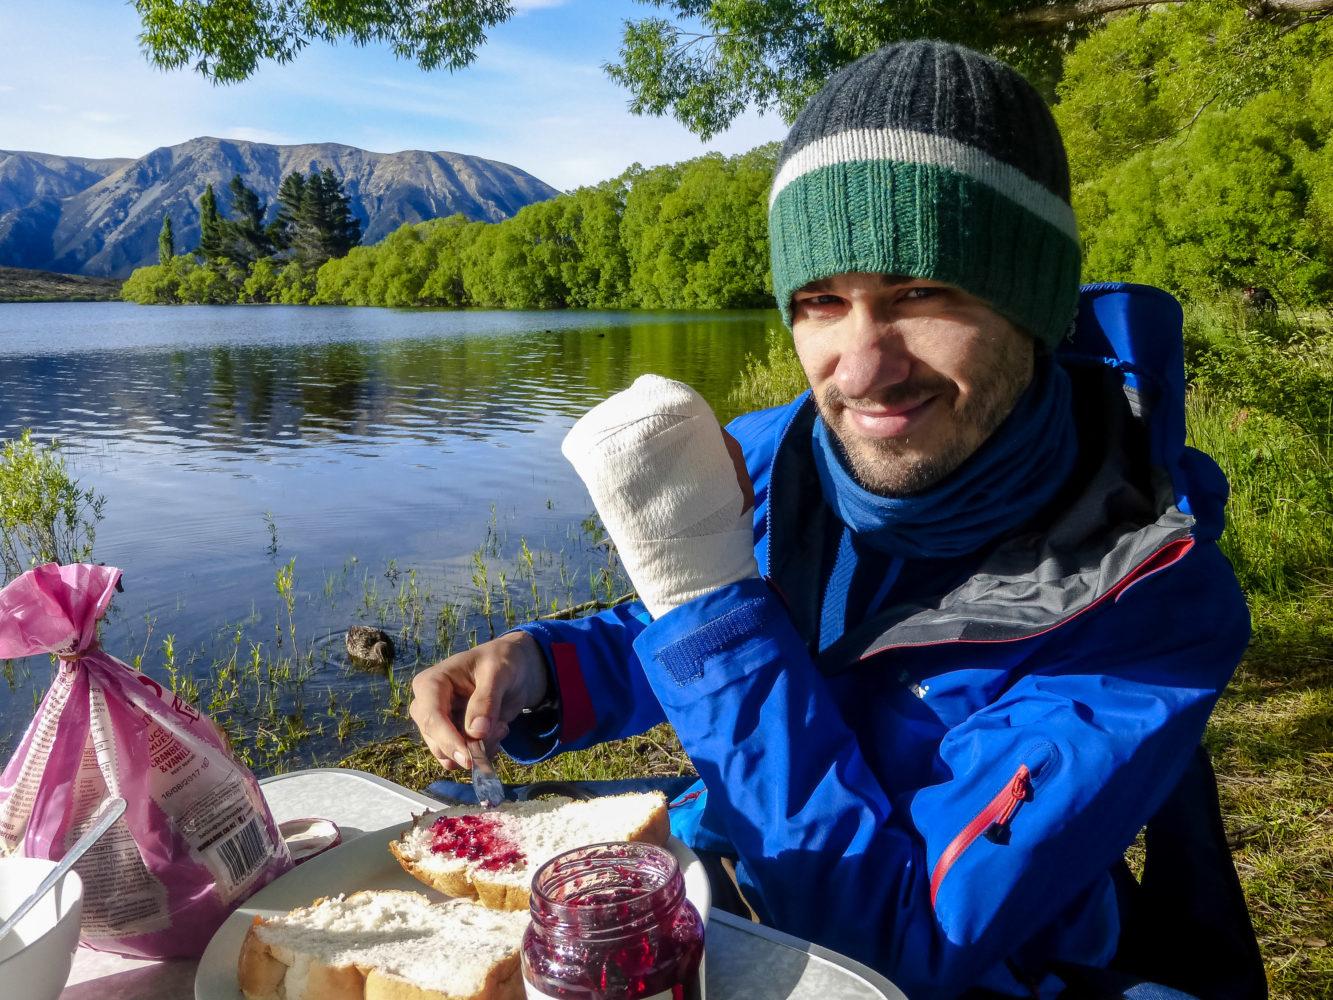 Jan Becker schmiert Marmelade auf ein Toastbroat an einem See